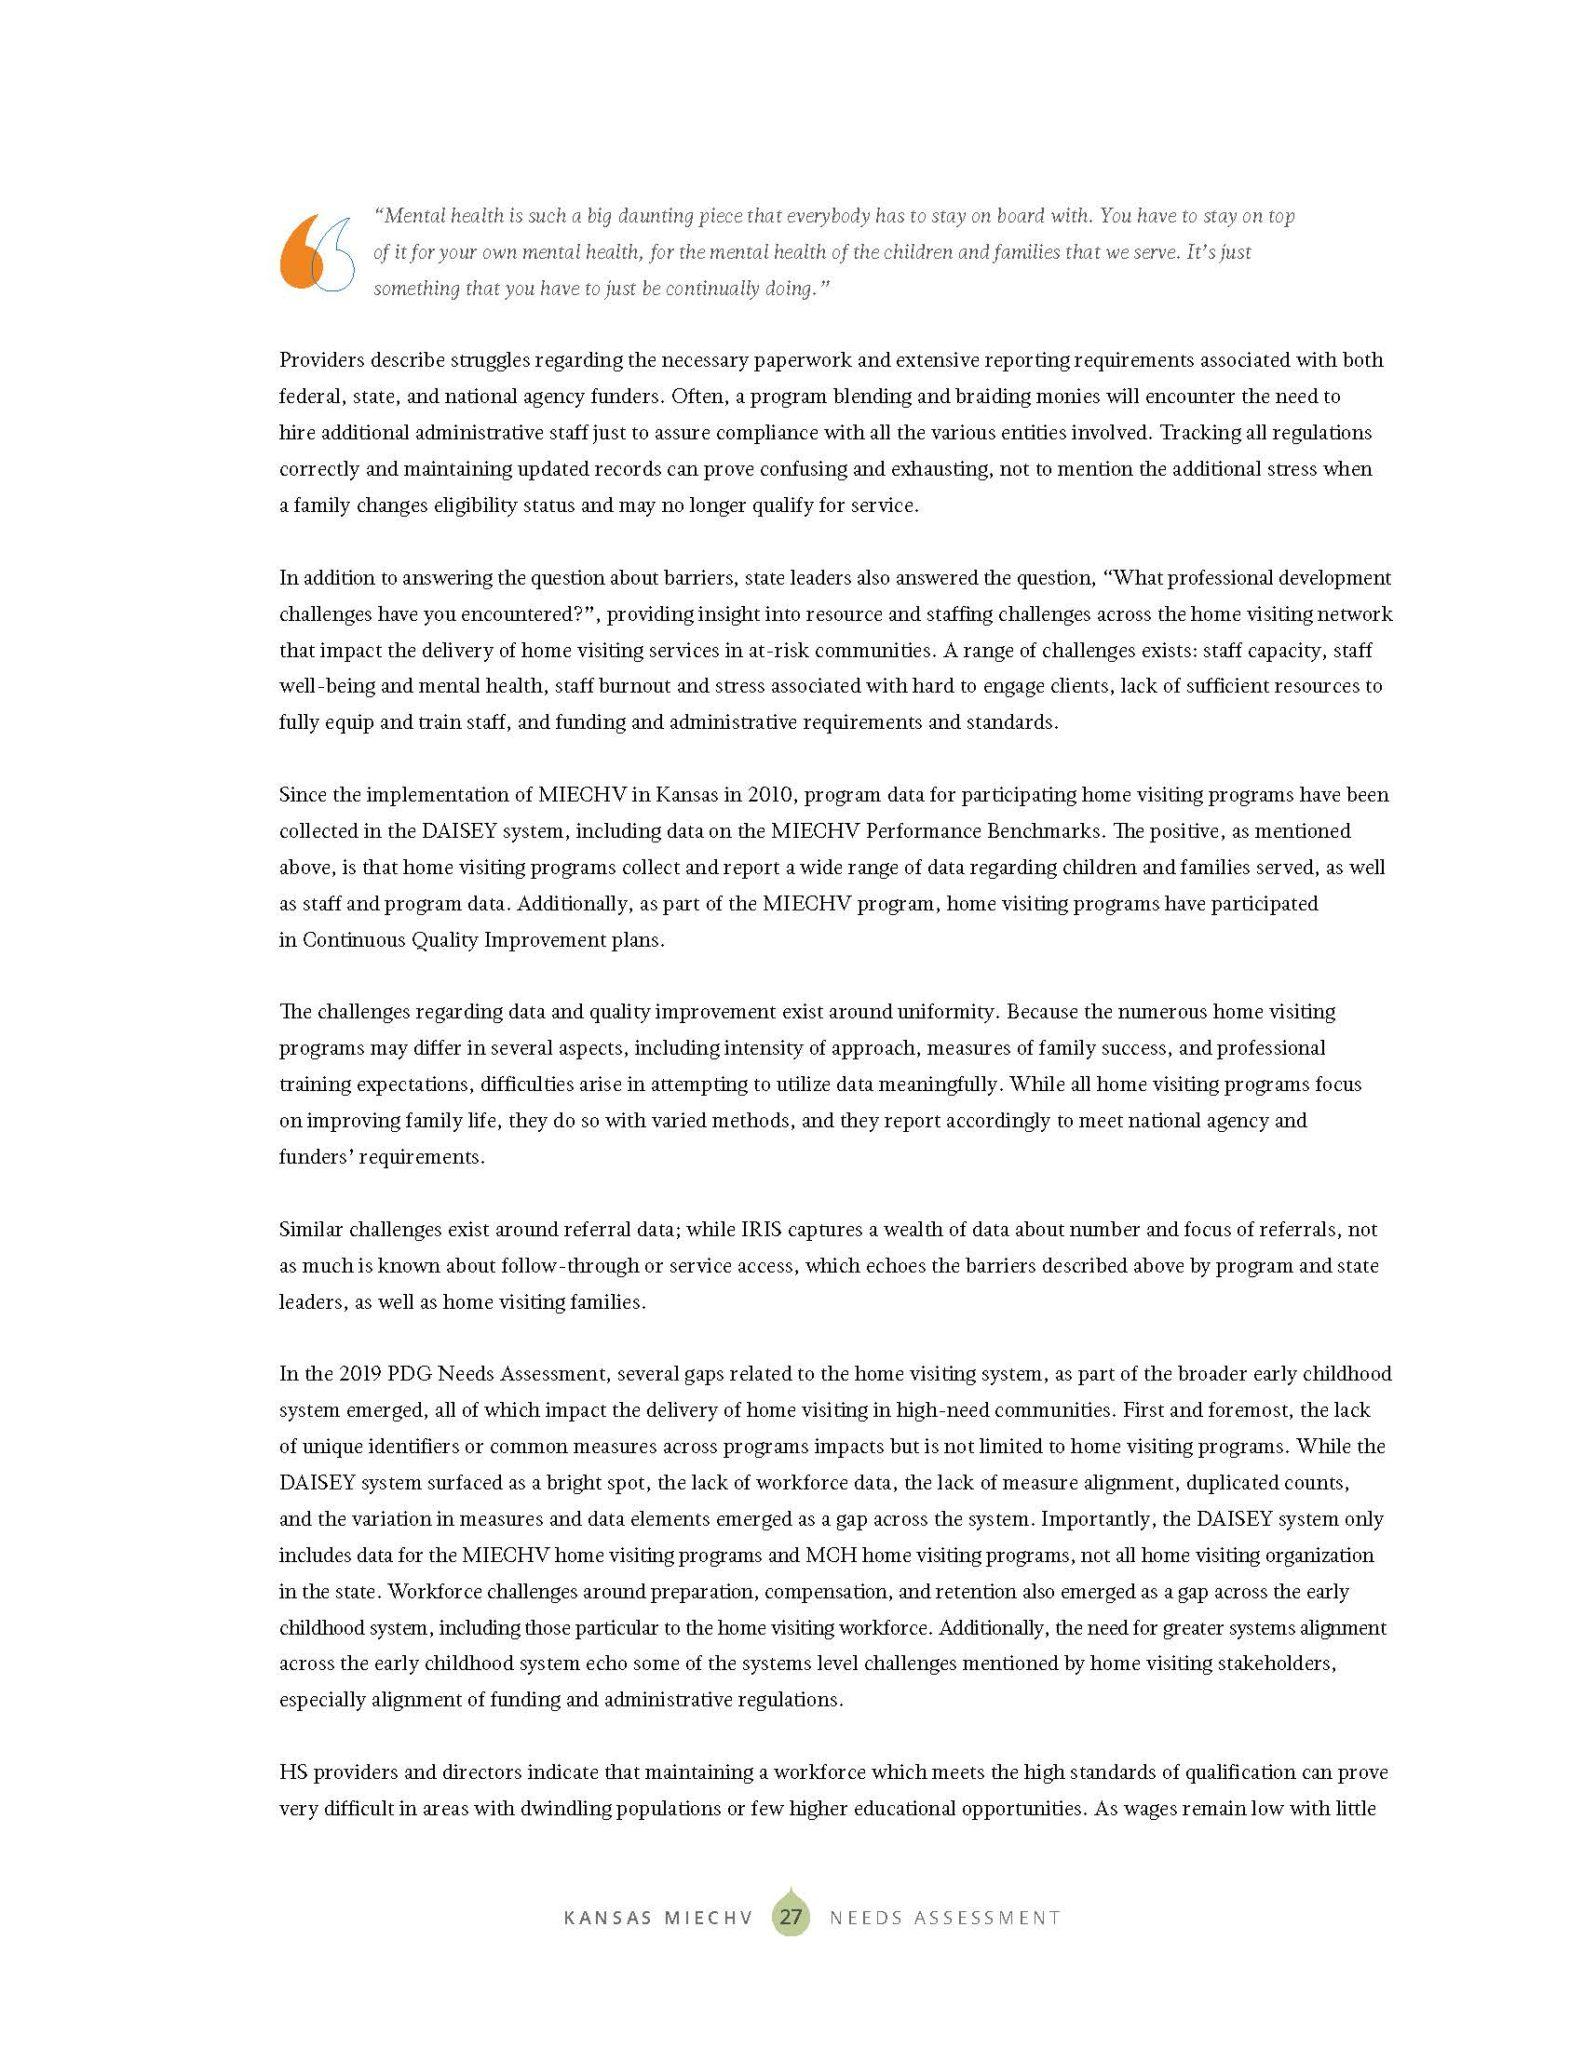 KS MIECHV 2020 Needs Assessment_DIGITAL_Page_035